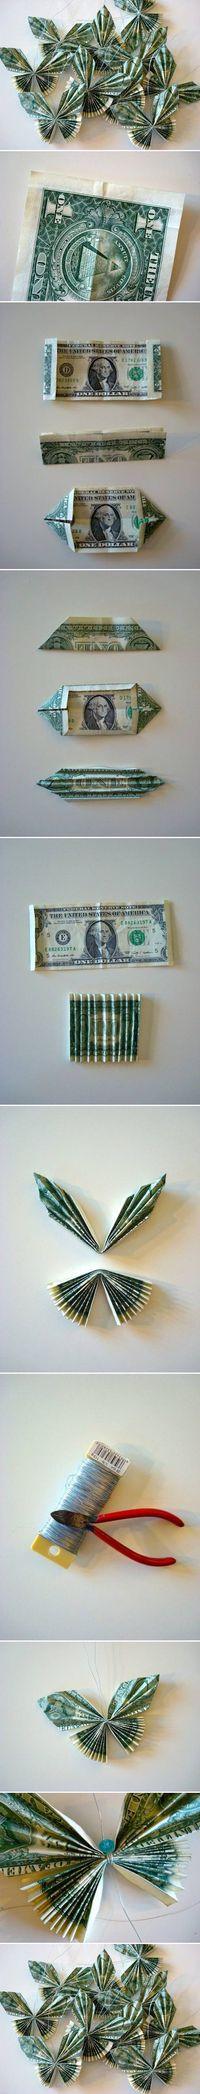 Butterfly Geschenke  DIY Money Bill Butterfly DIY Projects